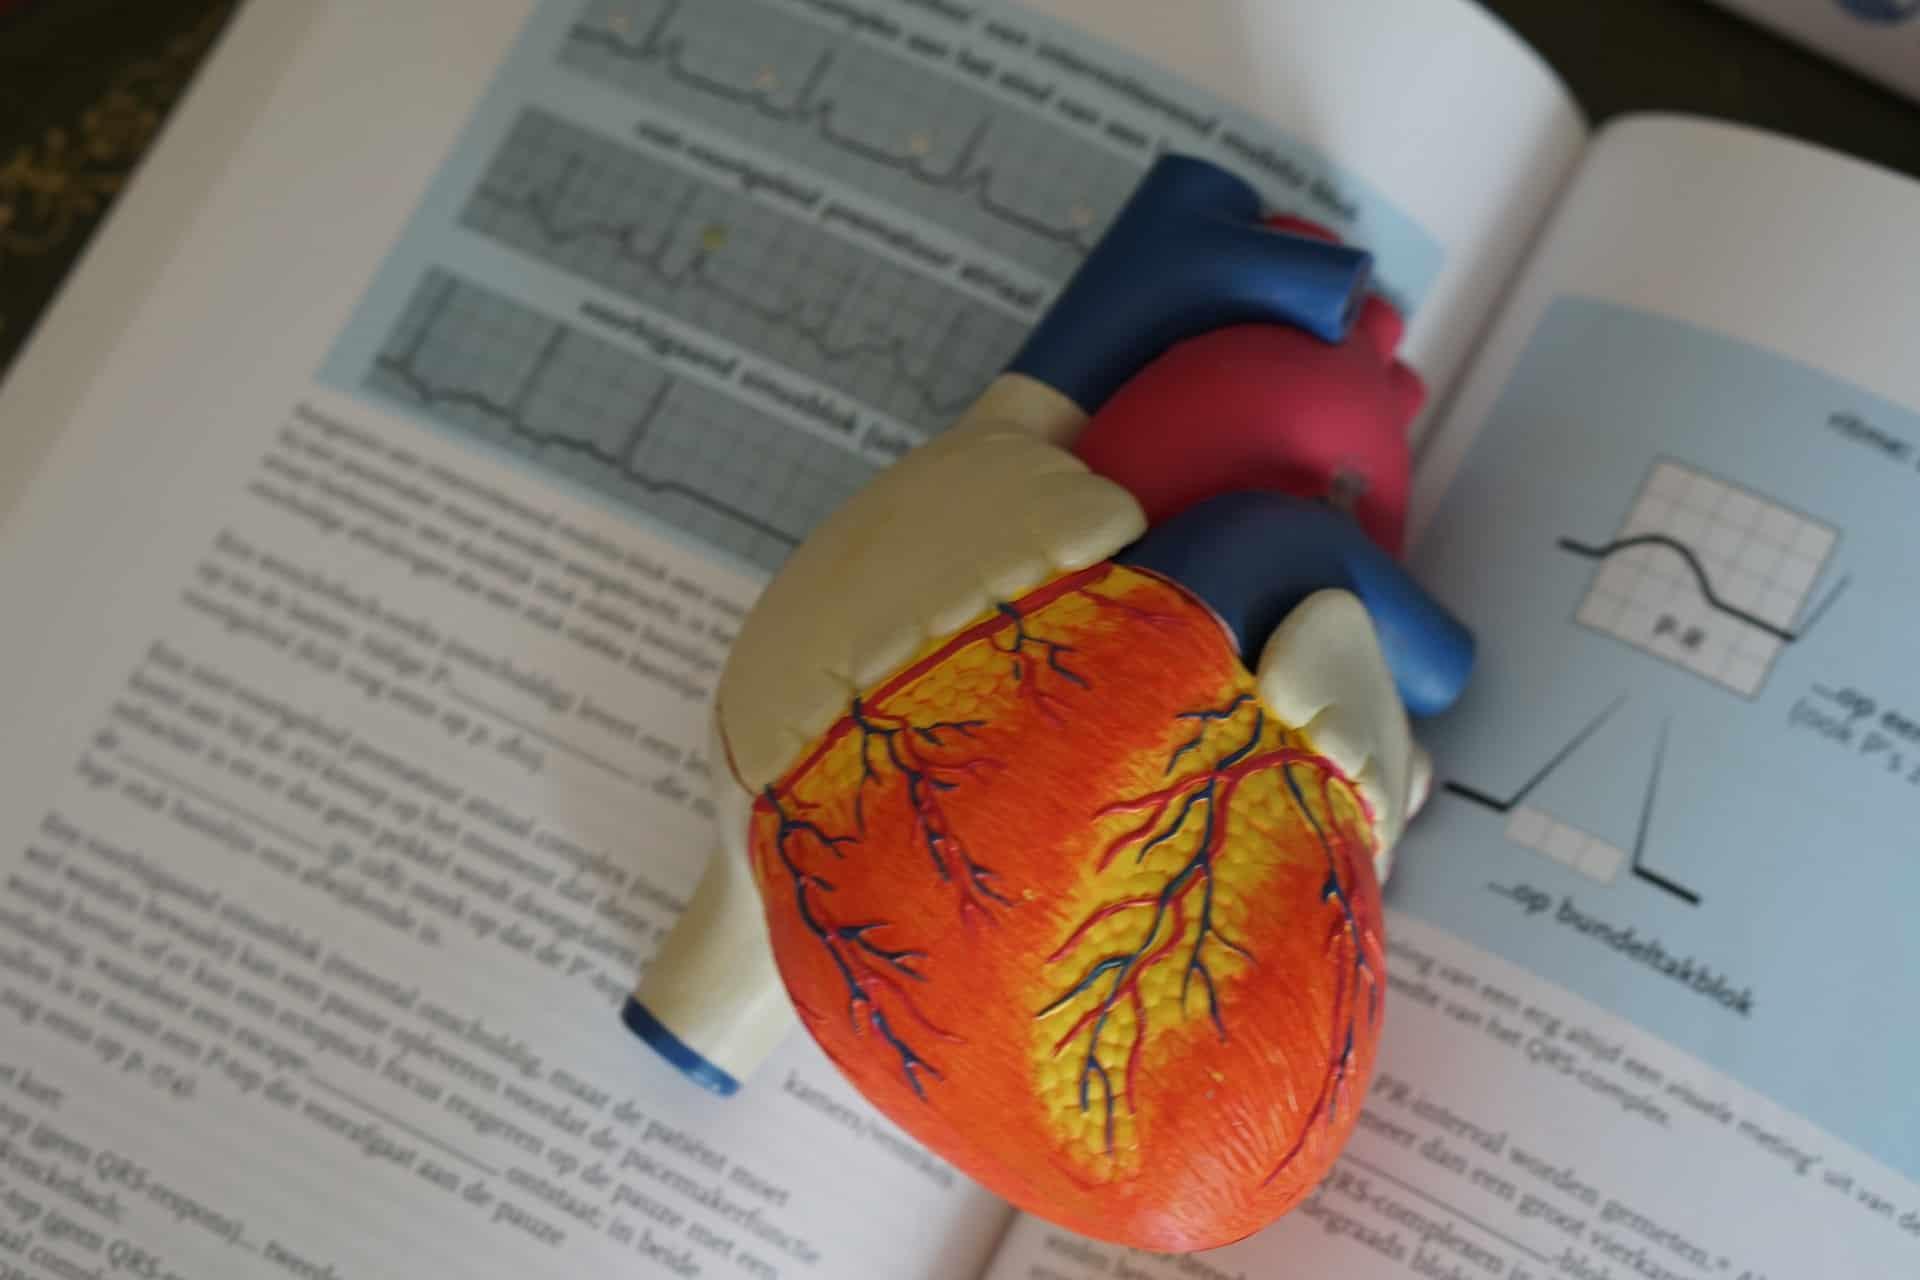 تكنولوجيا كمومية جديدة واعدة في تشخيص وعلاج أحد أمراض القلب